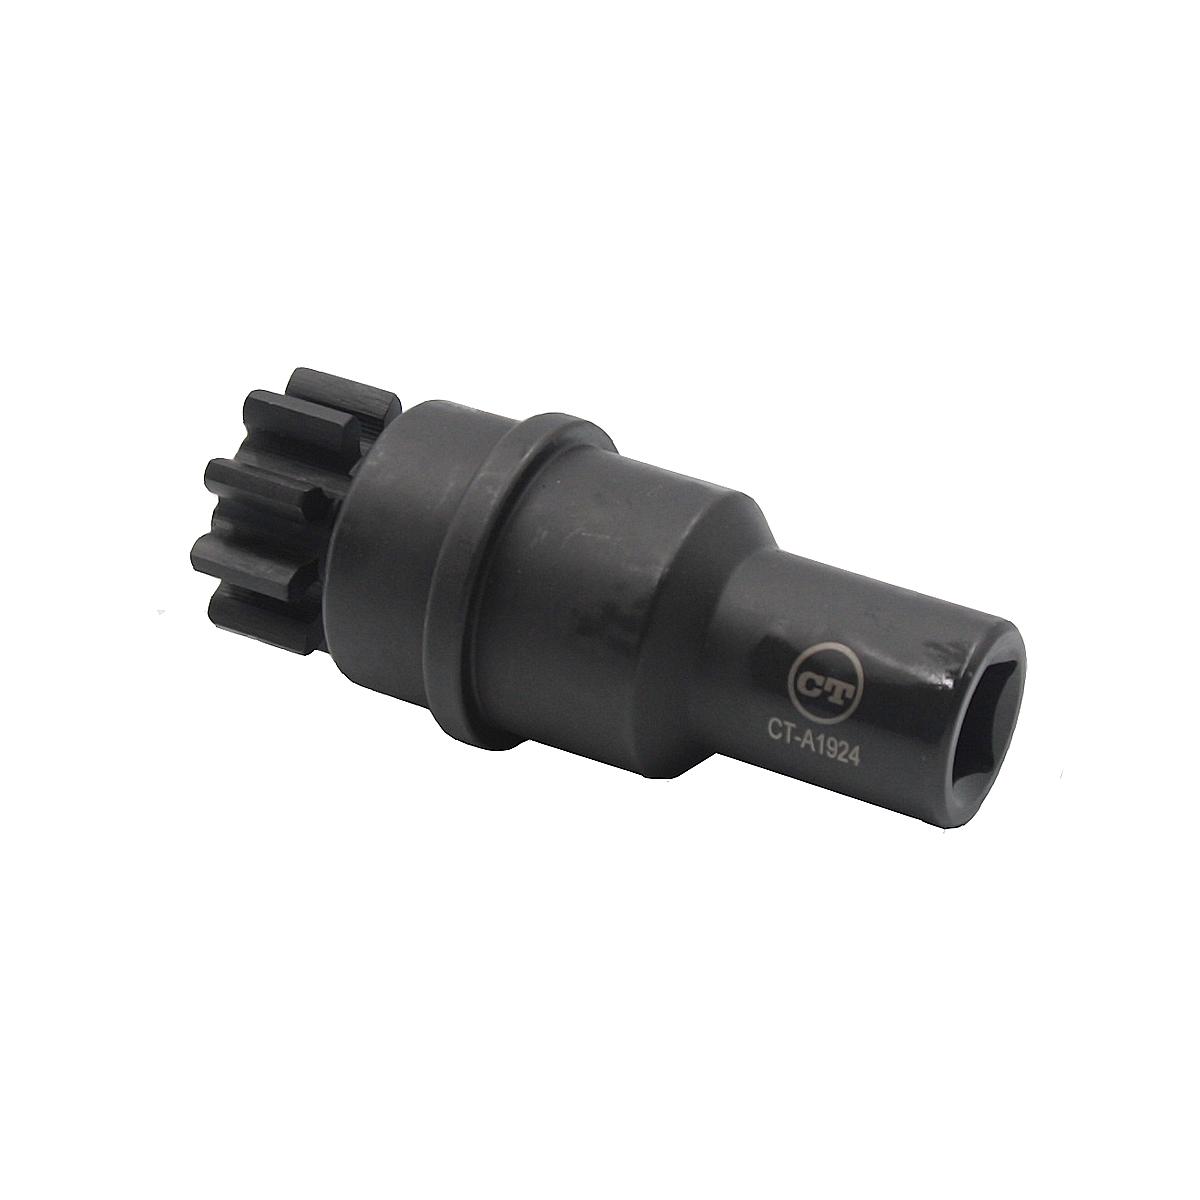 Приспособление для проворота коленвала DAF (EURO 5,6) Car-Tool CT-A1924